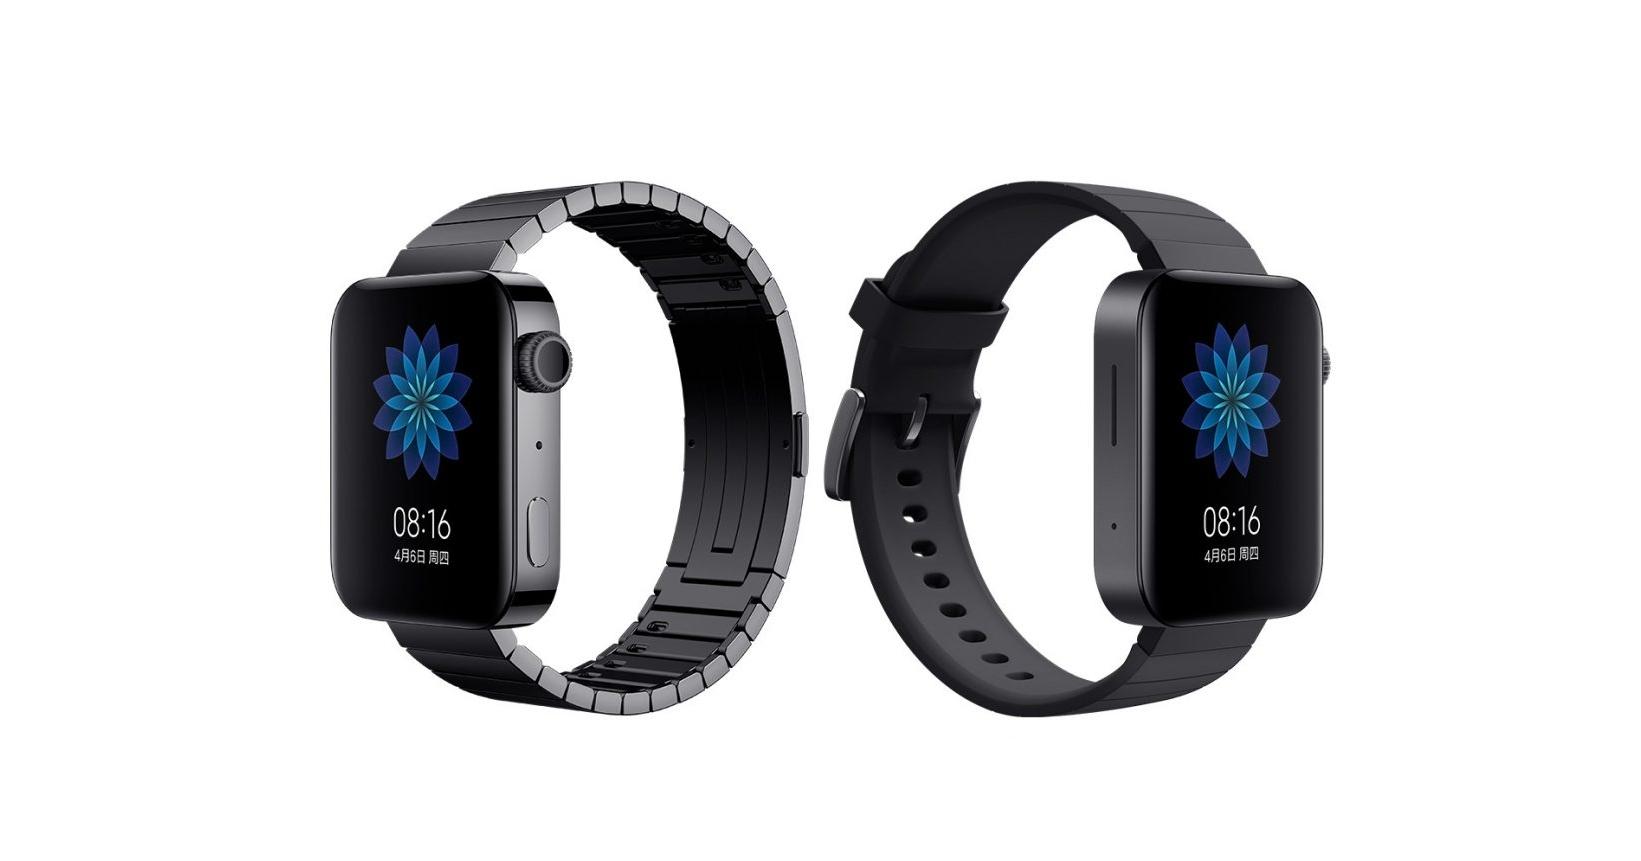 Vánoční nabídka: Xiaomi Mi Watch hodinky a Xiaomi telefony za nižší ceny! [sponzorovaný článek]